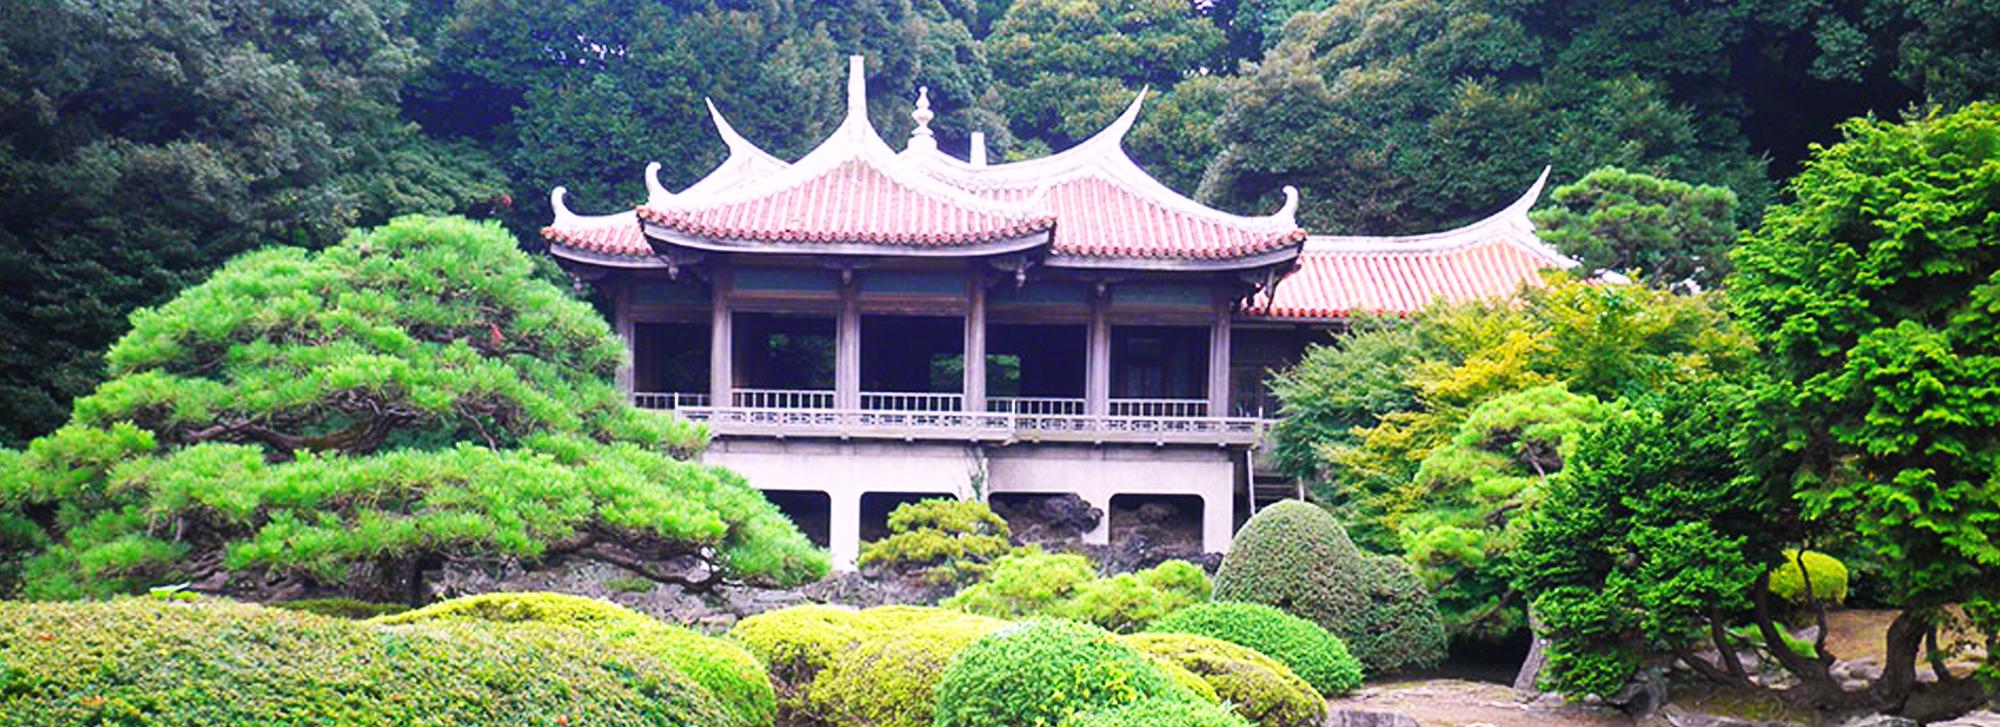 Oriental, Japanese and Zen Gardens